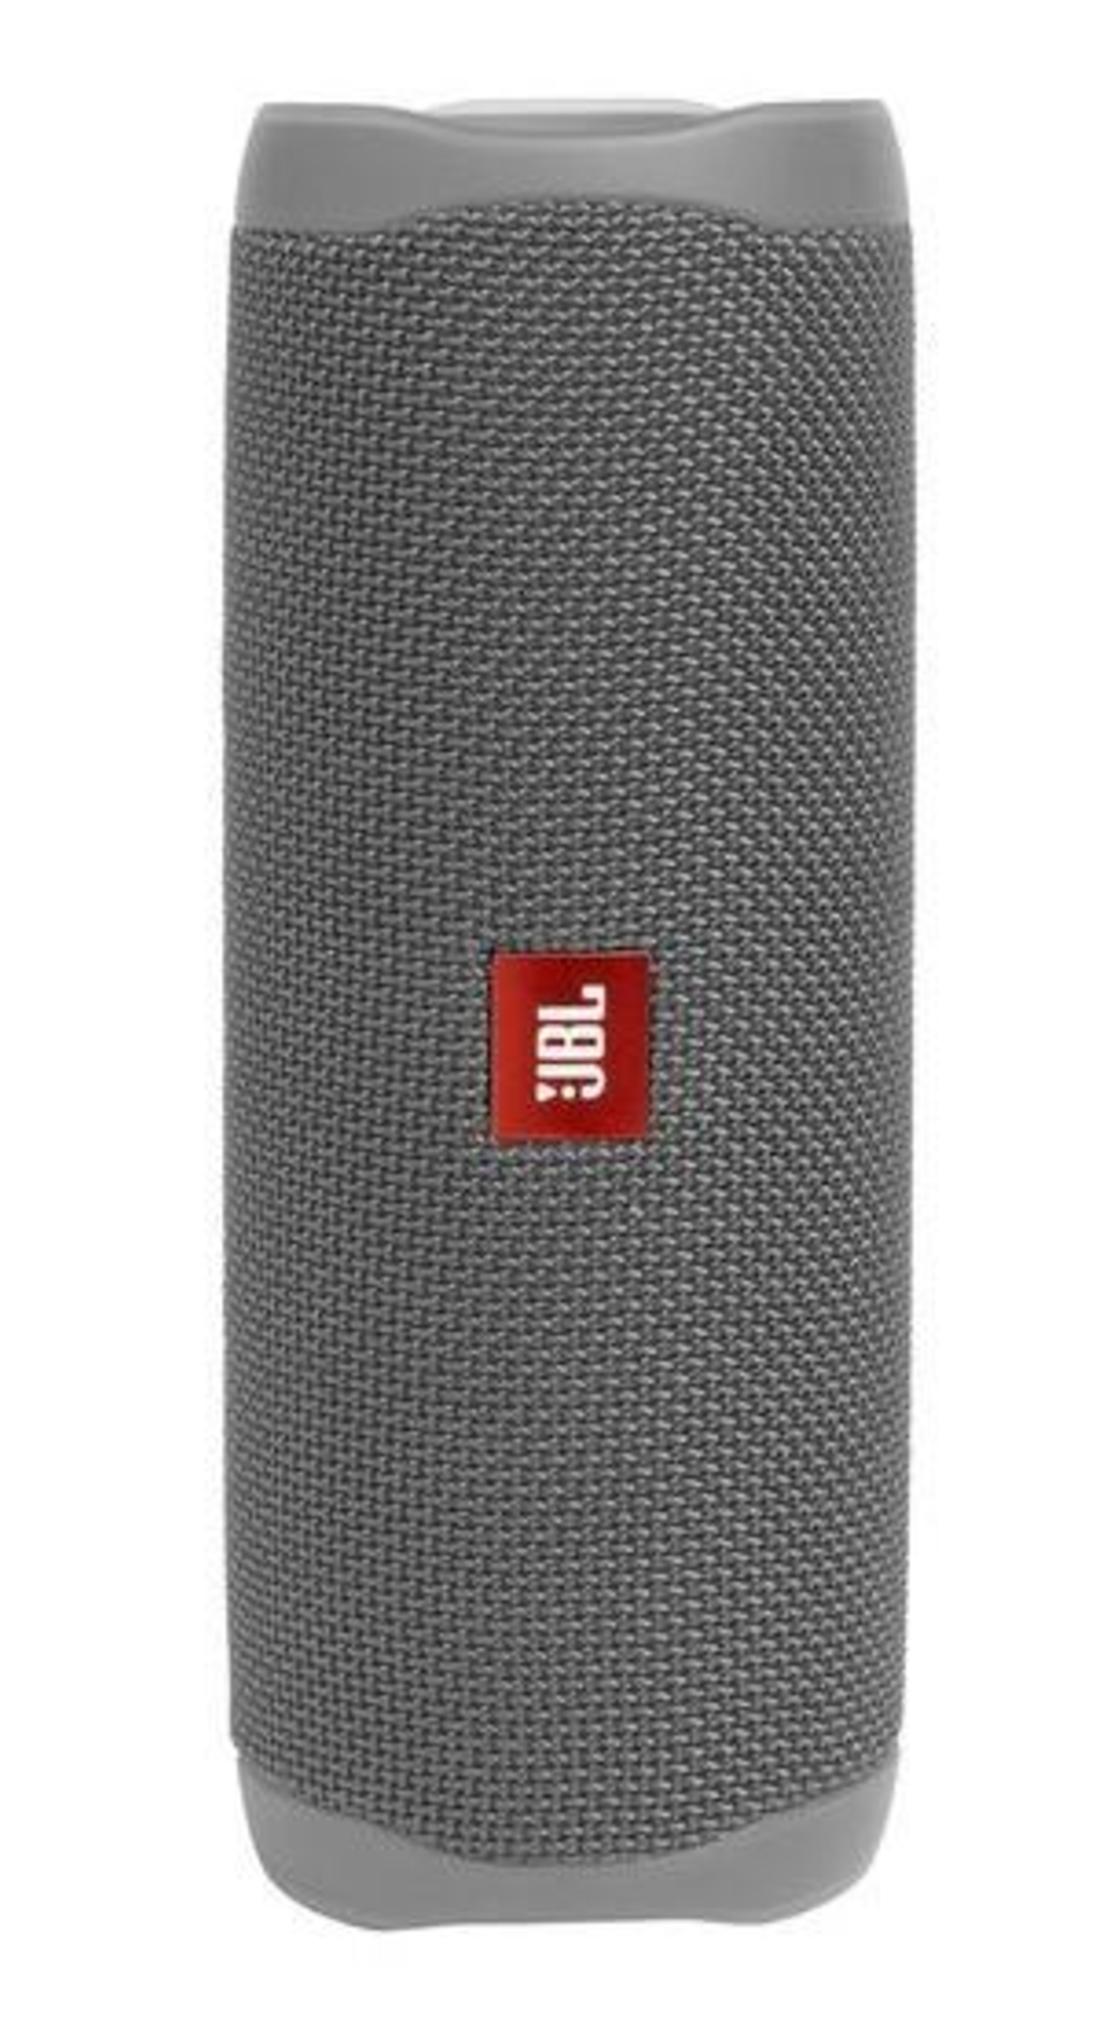 רמקול אלחוטי JBL FLIP 5 אפור